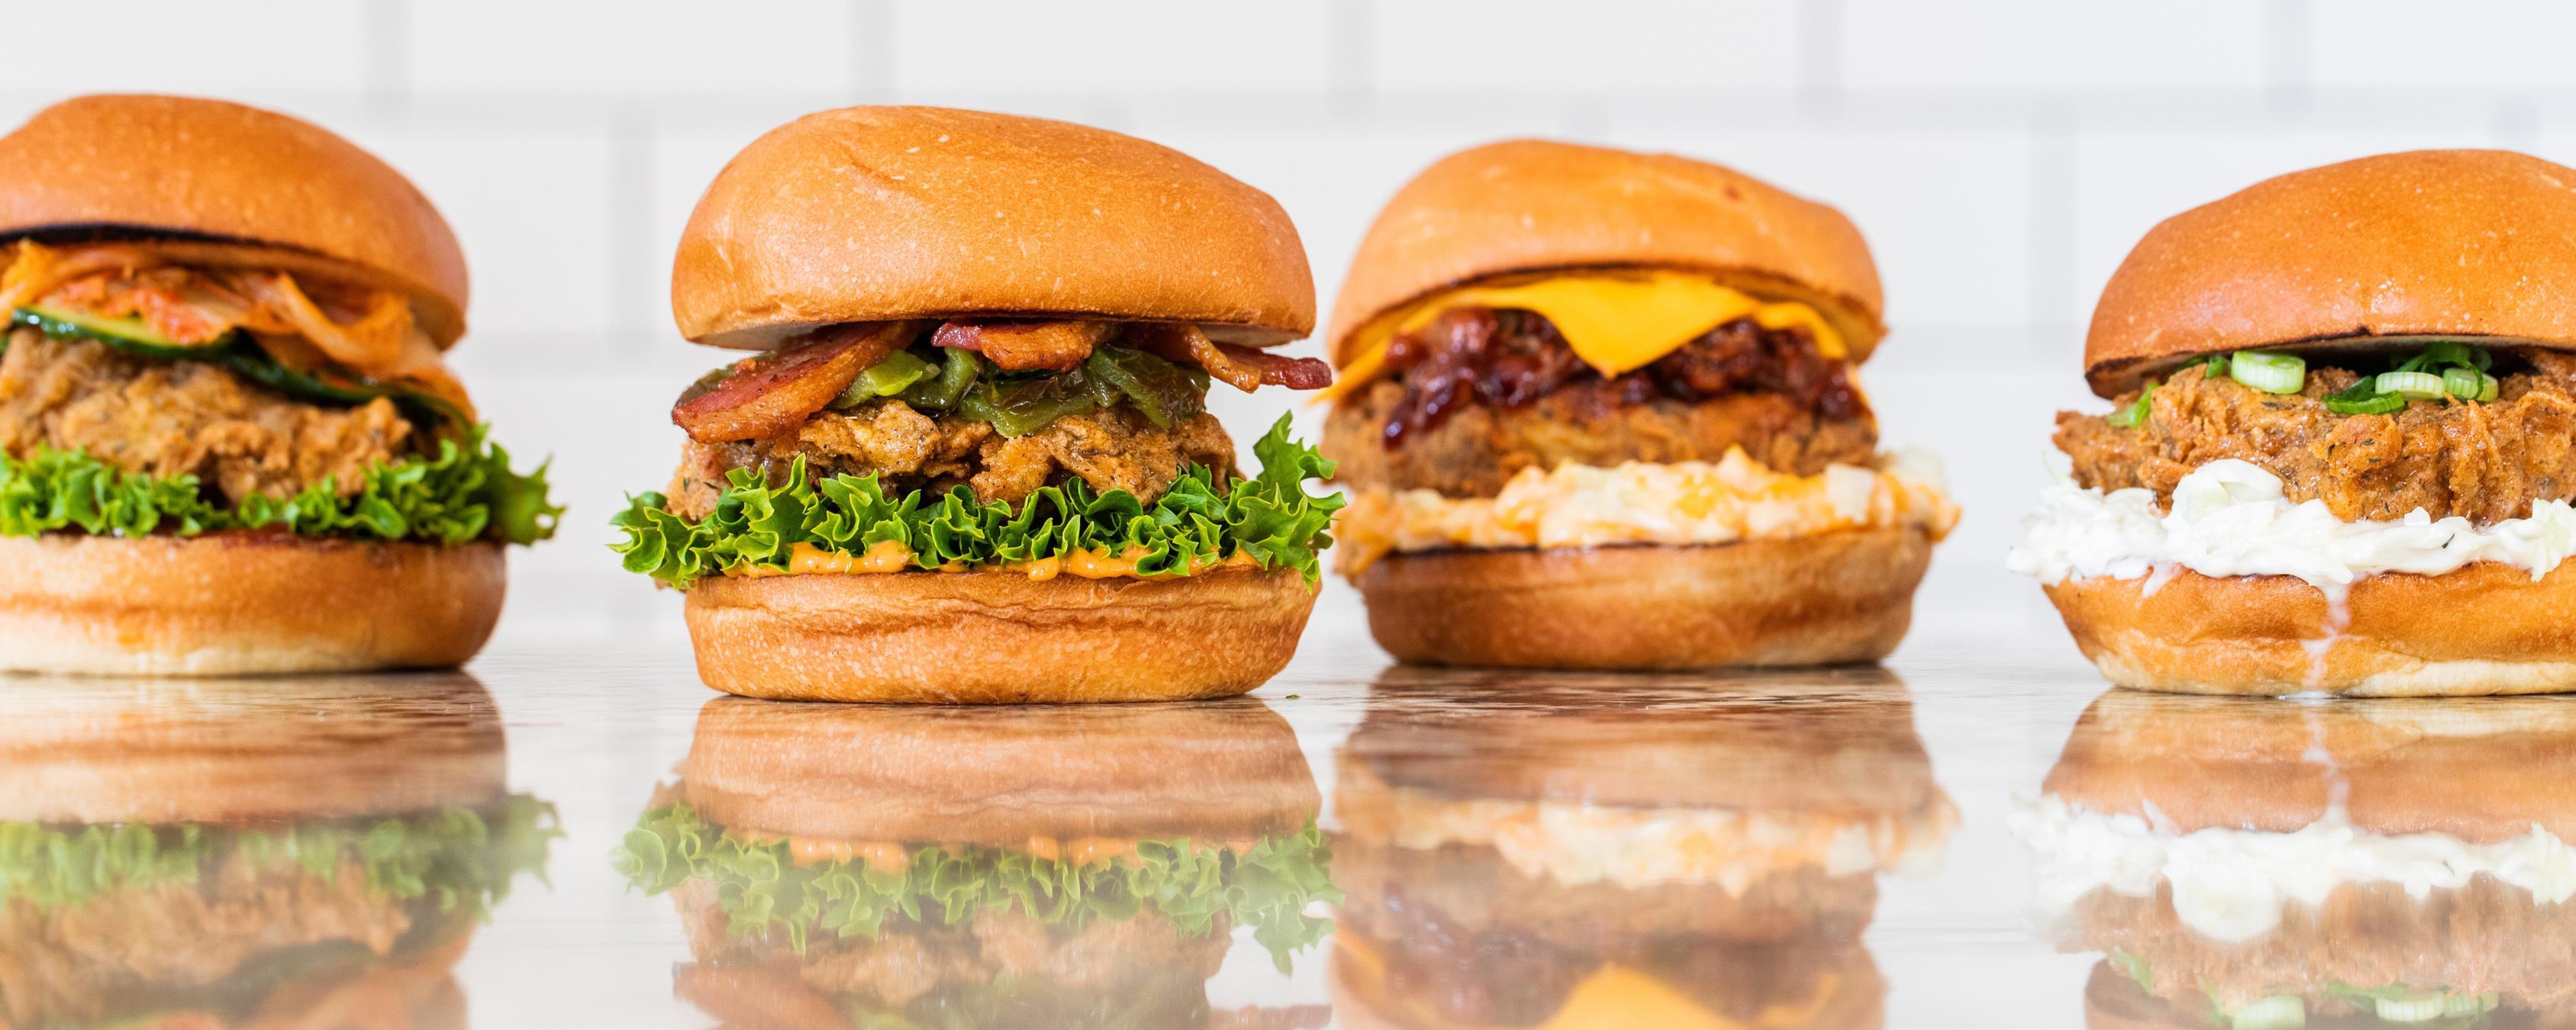 Stripburger & Chicken Brand Cover